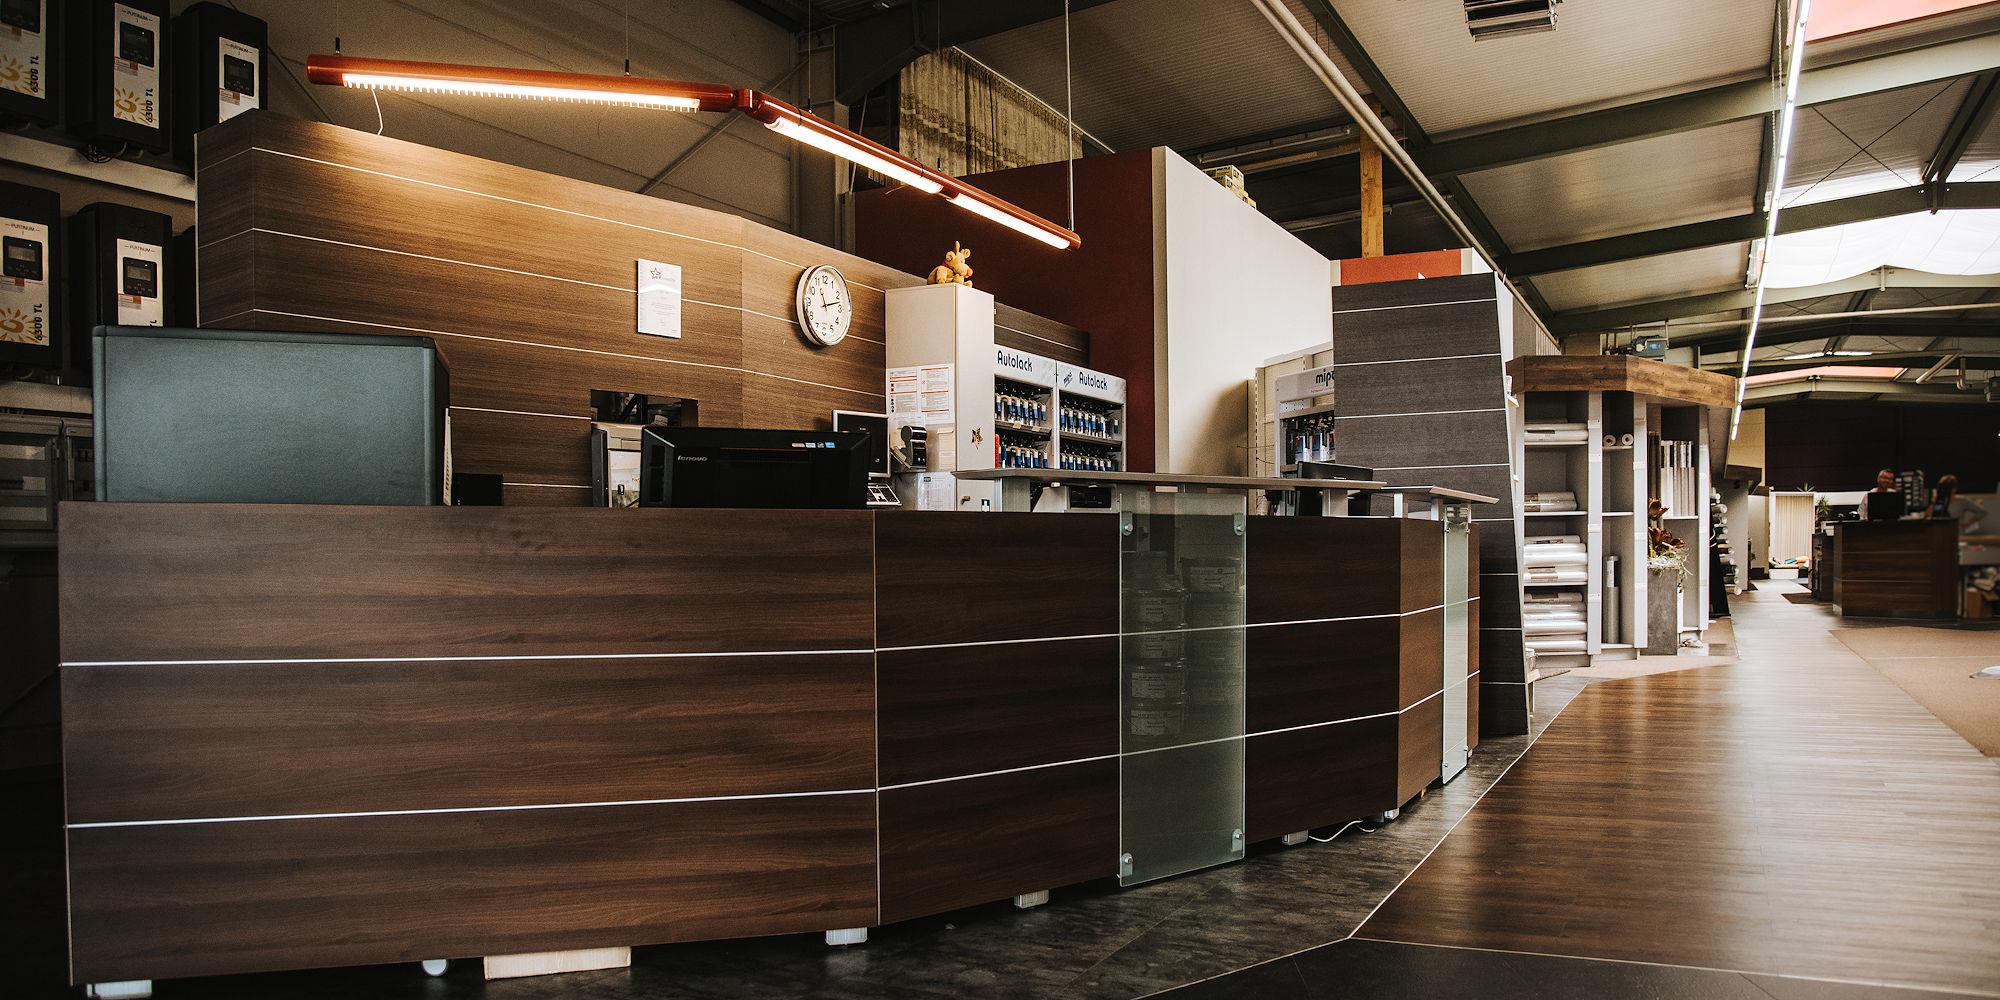 Wand- und Bodengestaltung auf über 1200 m²